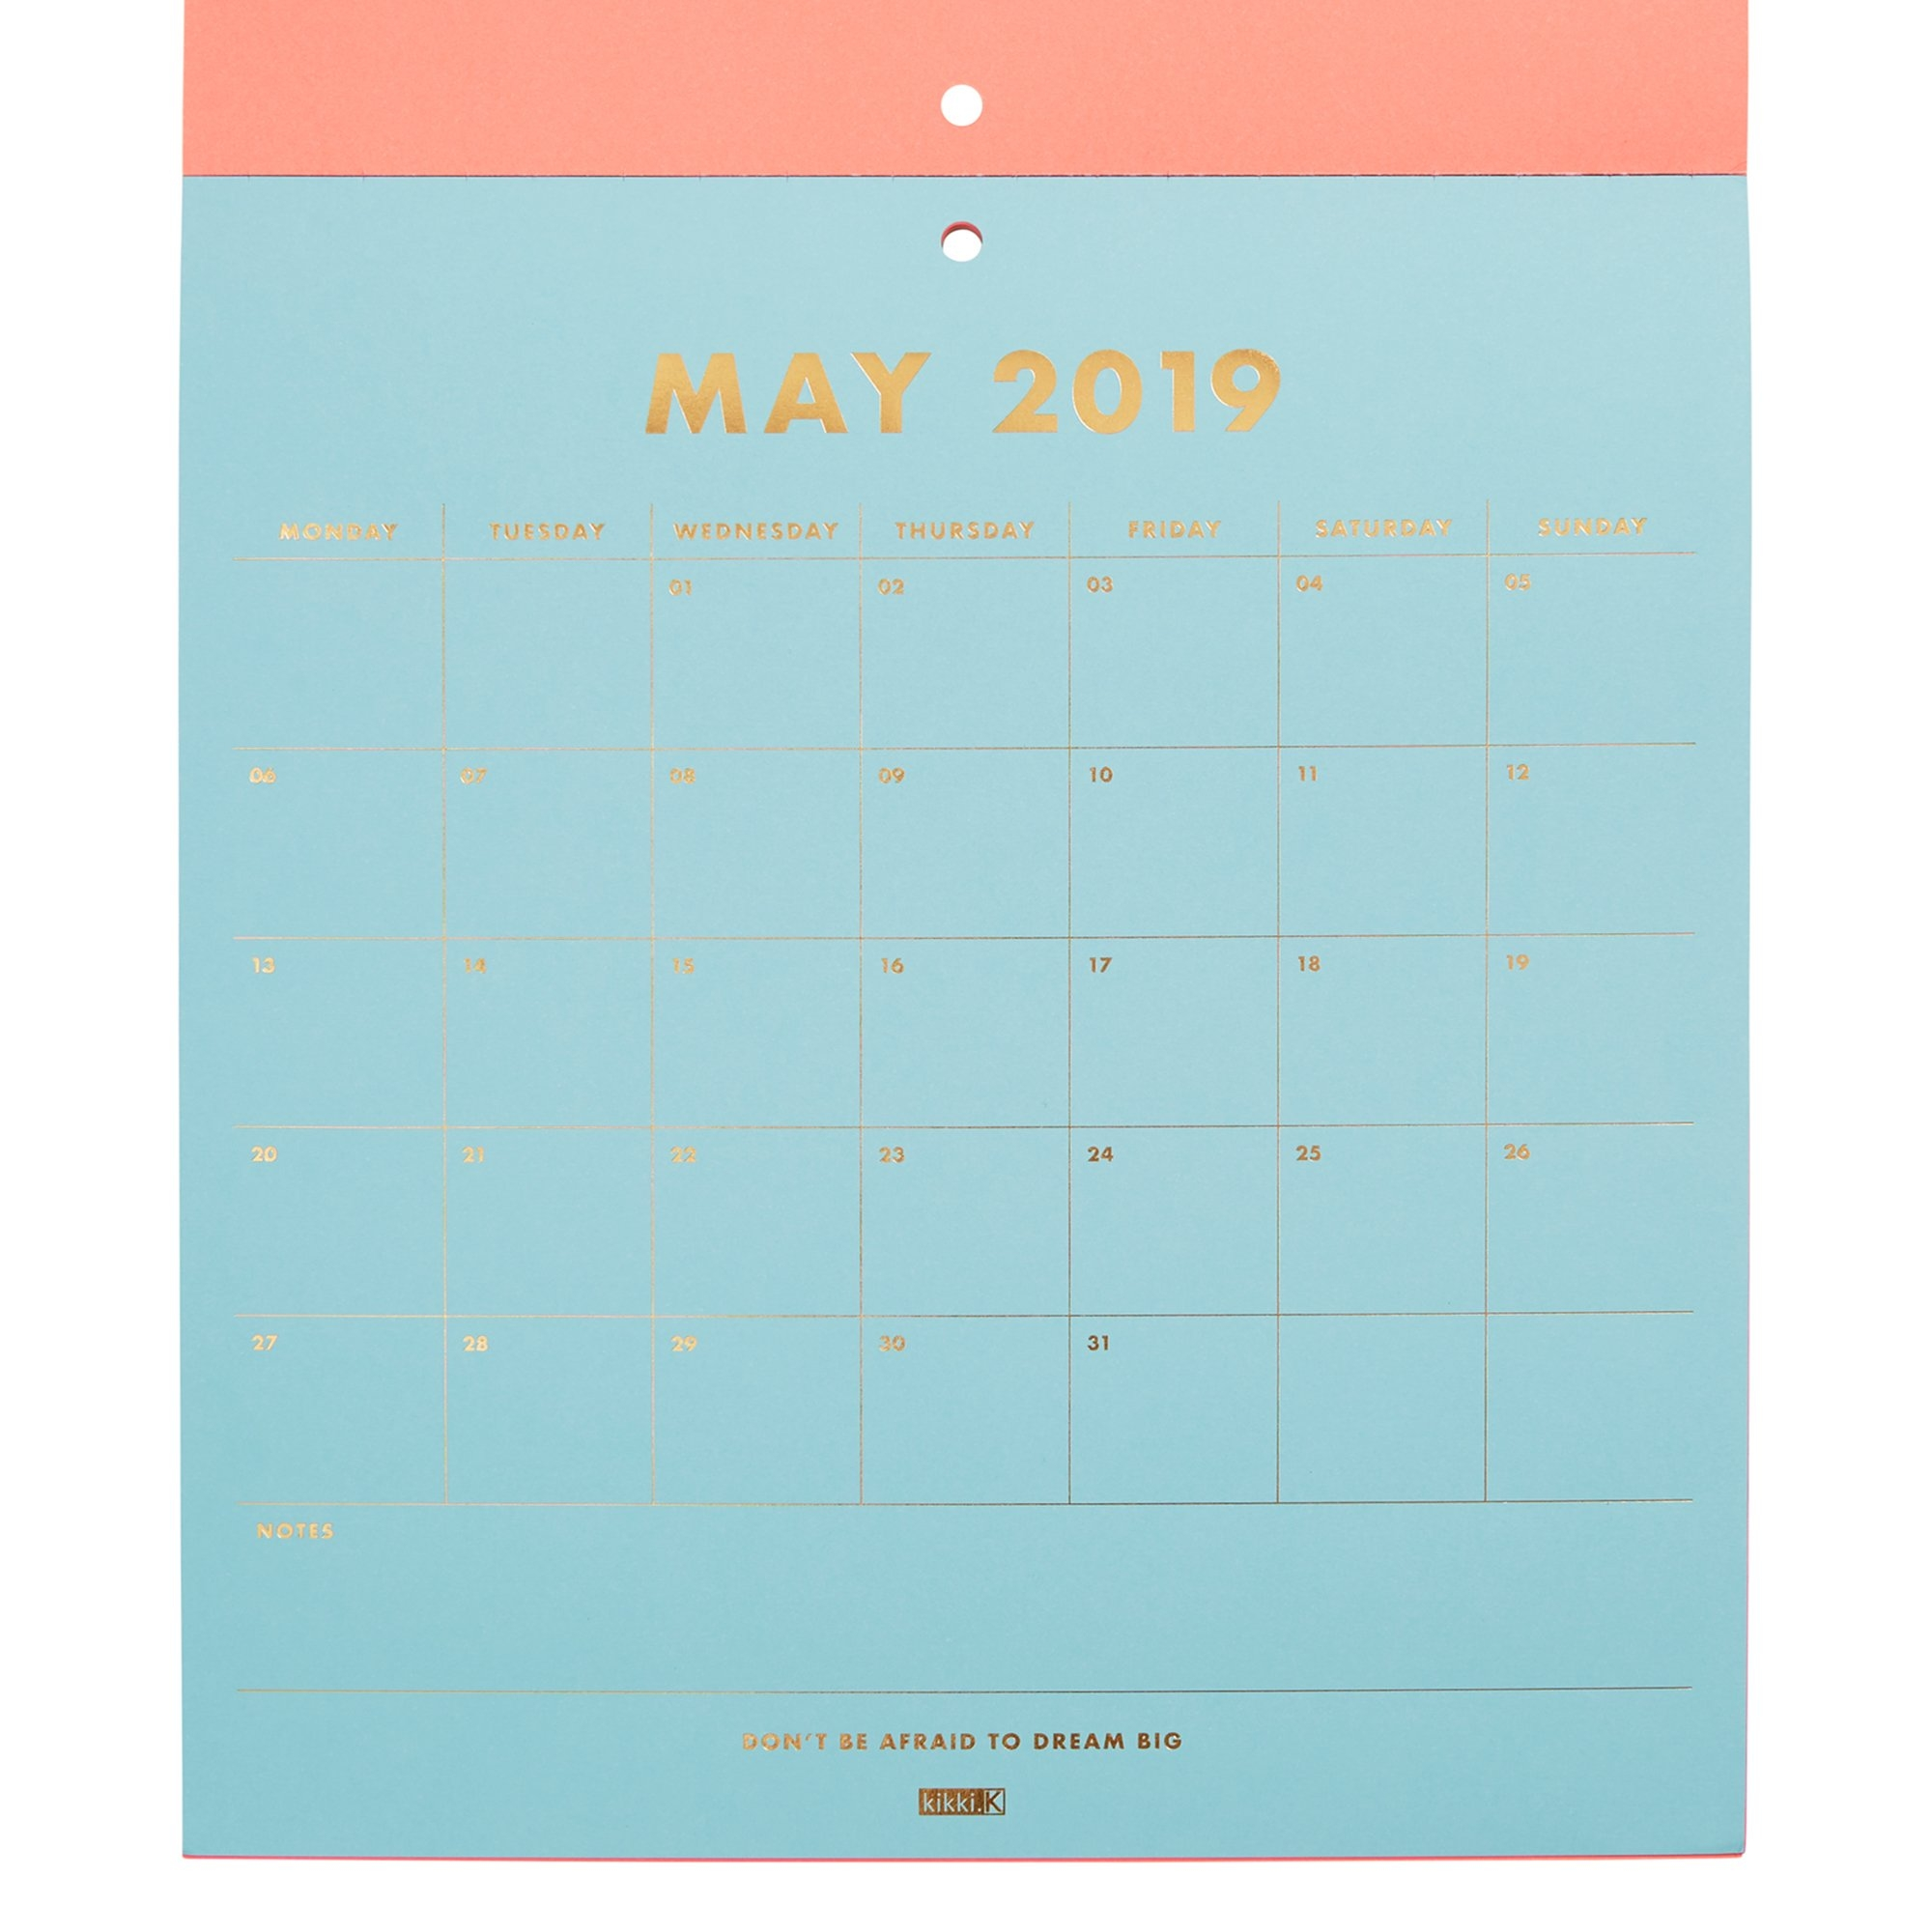 2019 Pad Calendar Neon | Calendars | Kikki.k Kikki K Calendar 2019